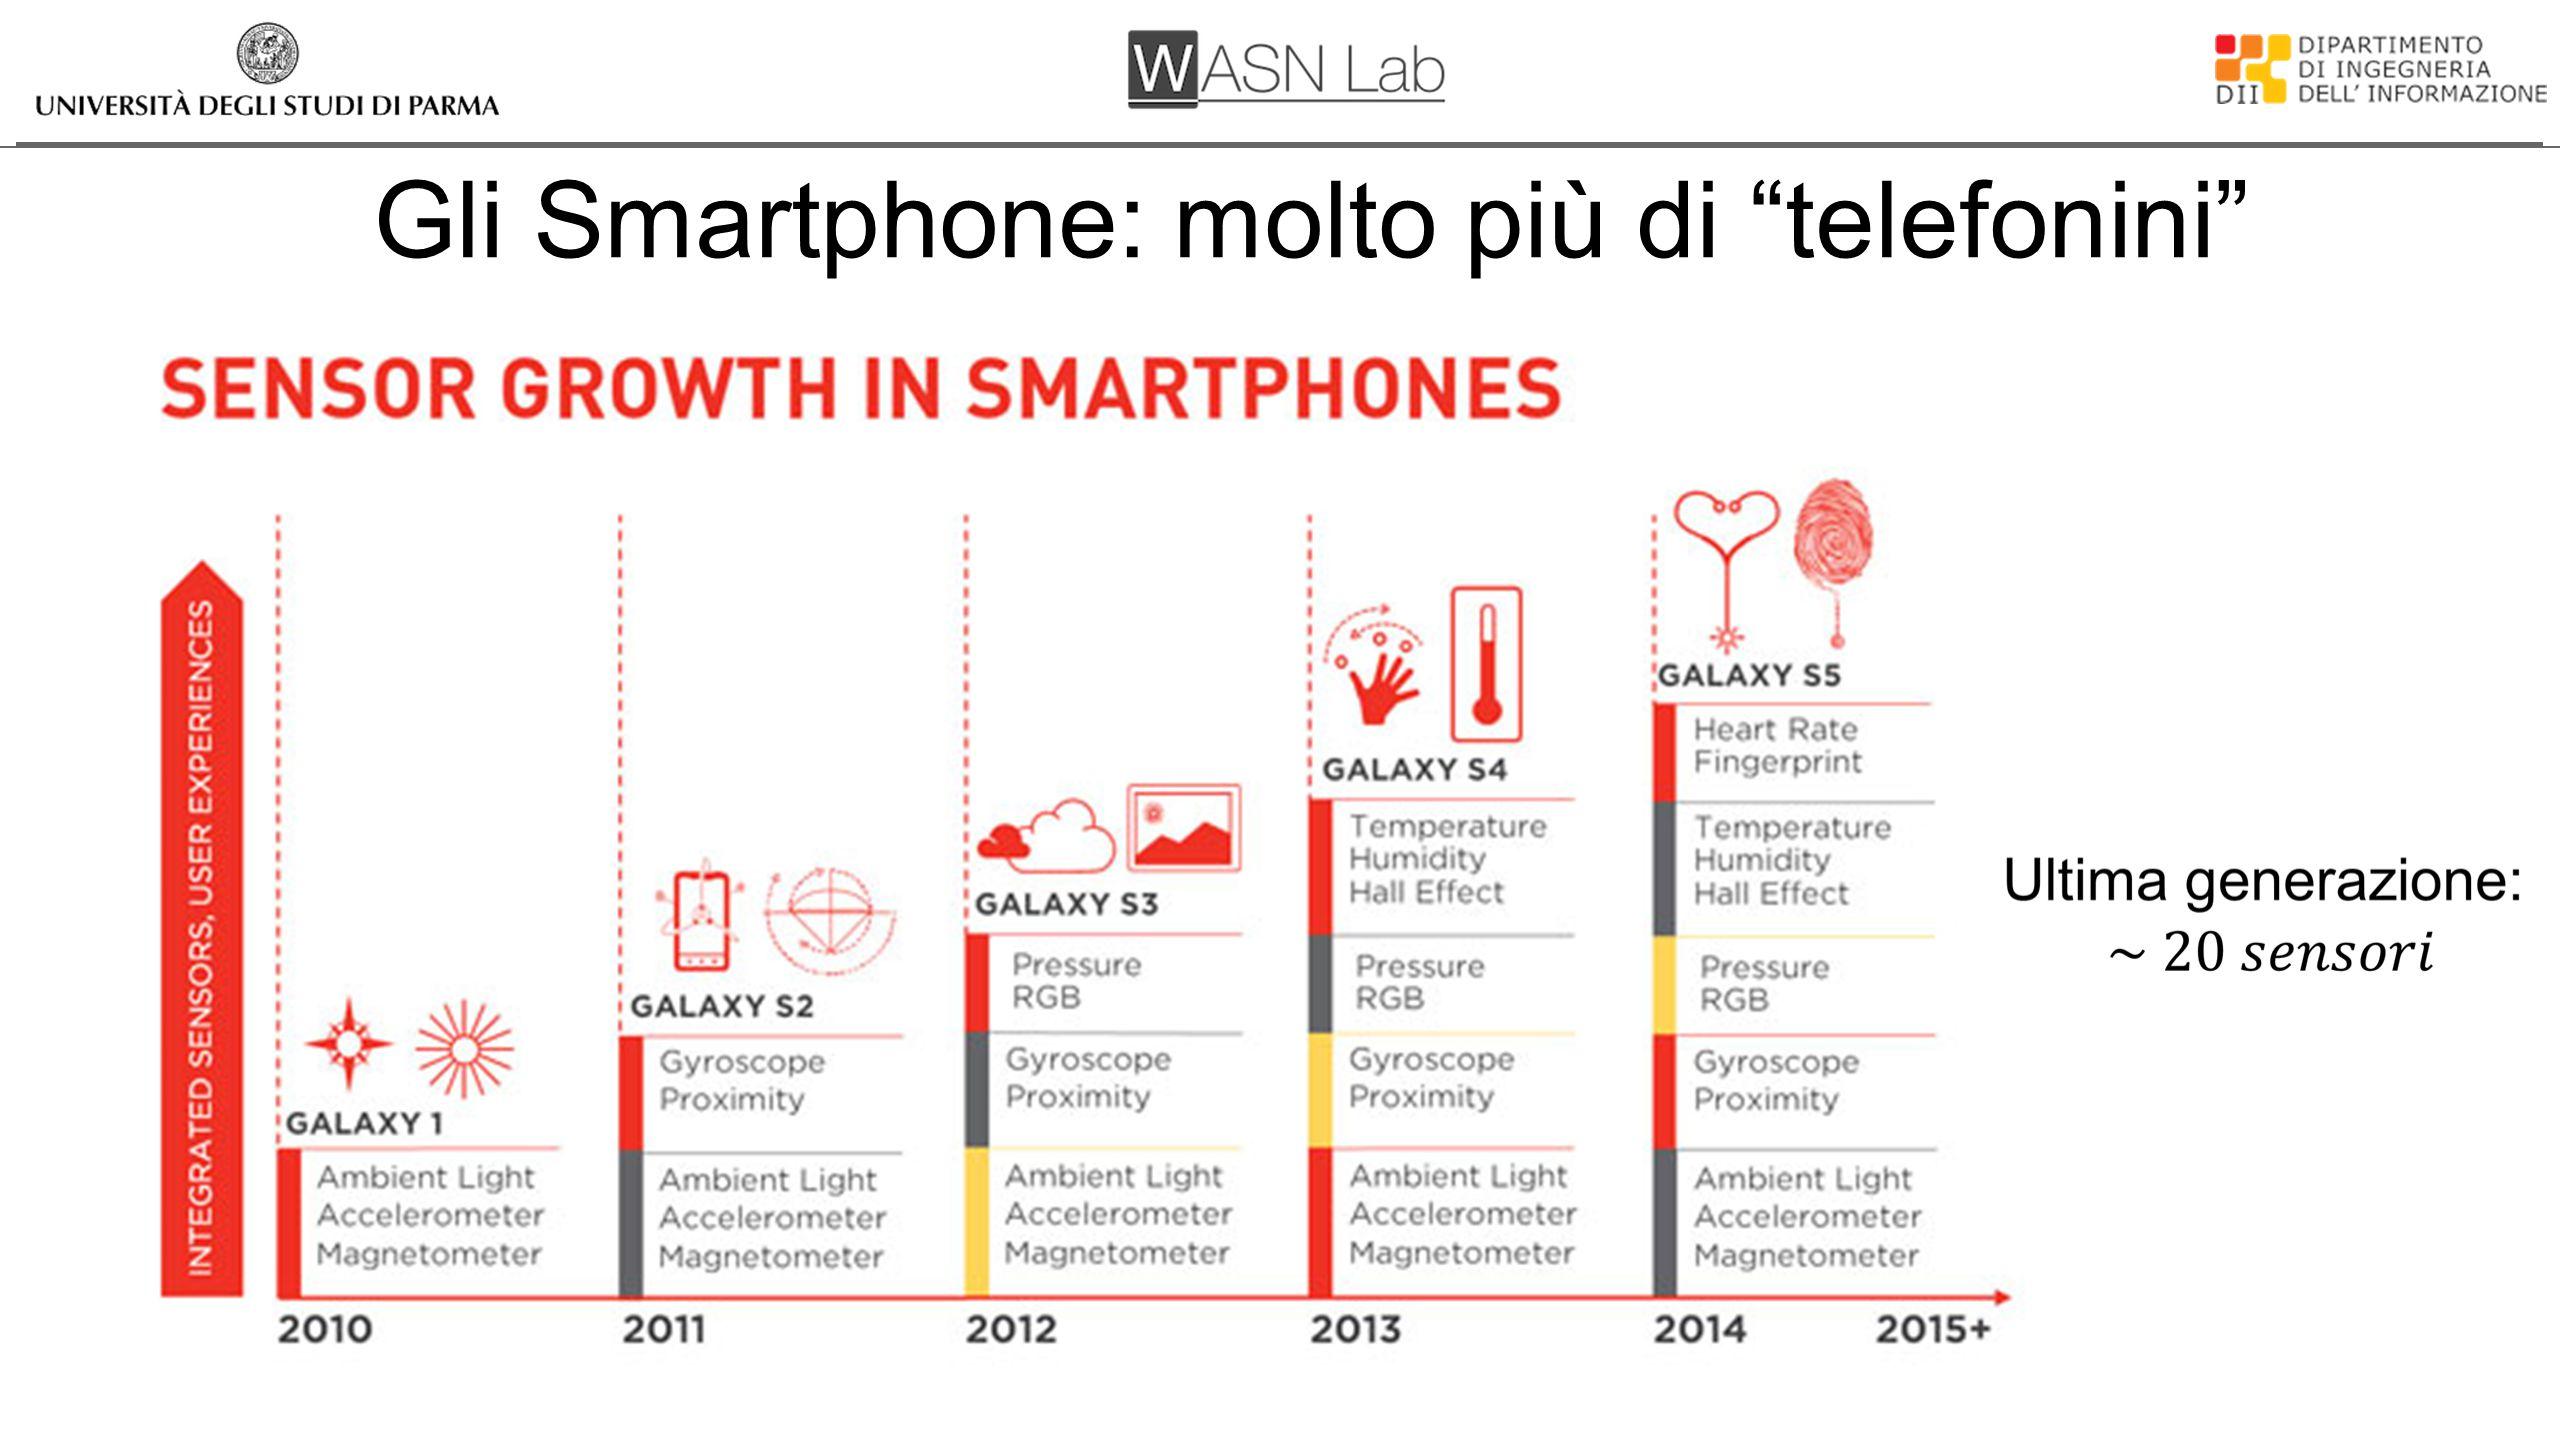 Gli Smartphone: molto più di telefonini